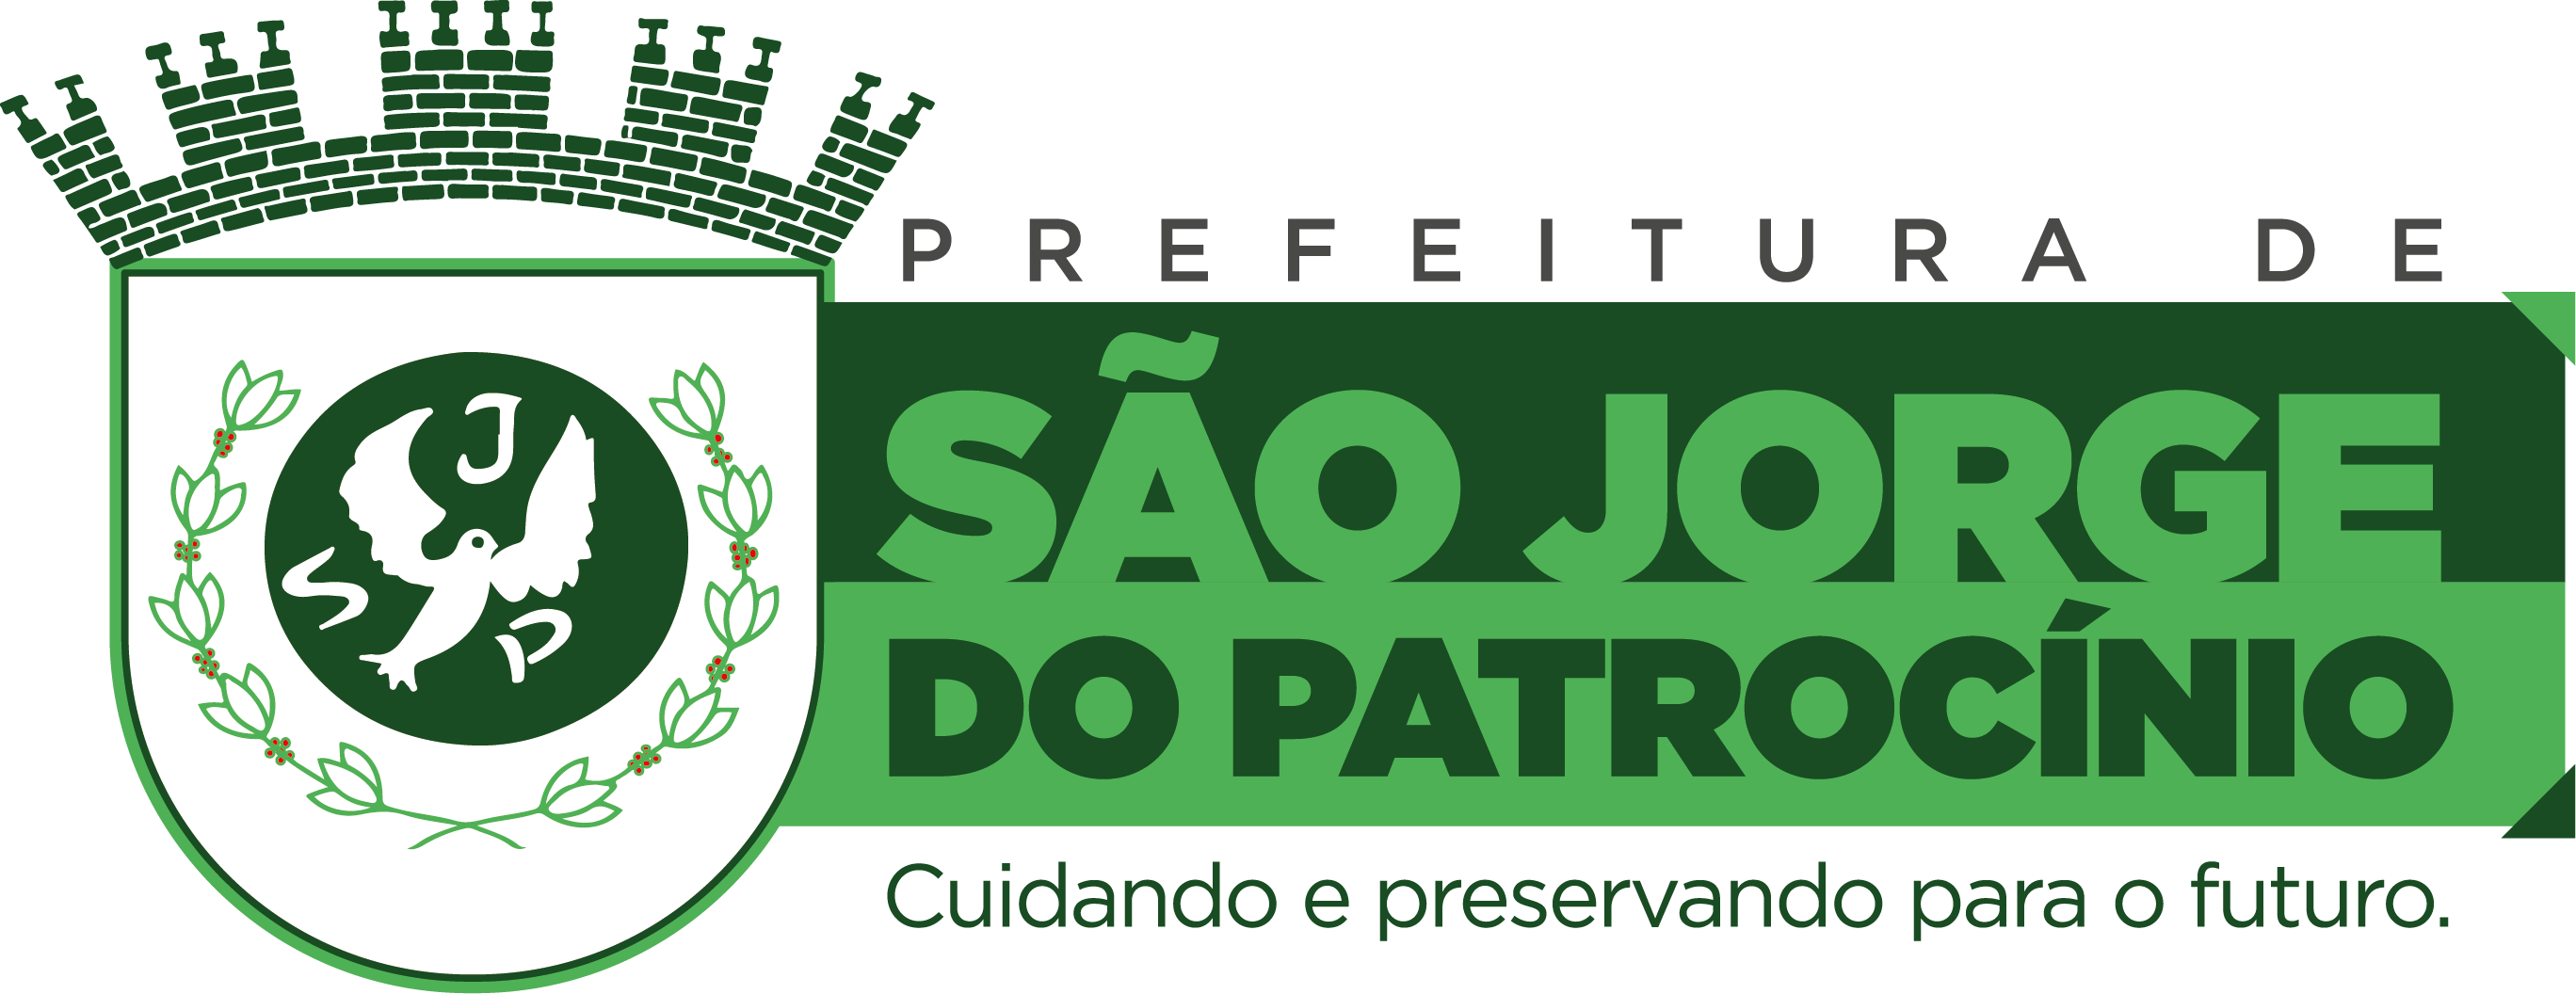 CÂMARA MUNICIPAL DE SÃO JORGE DO PATROCÍNIO